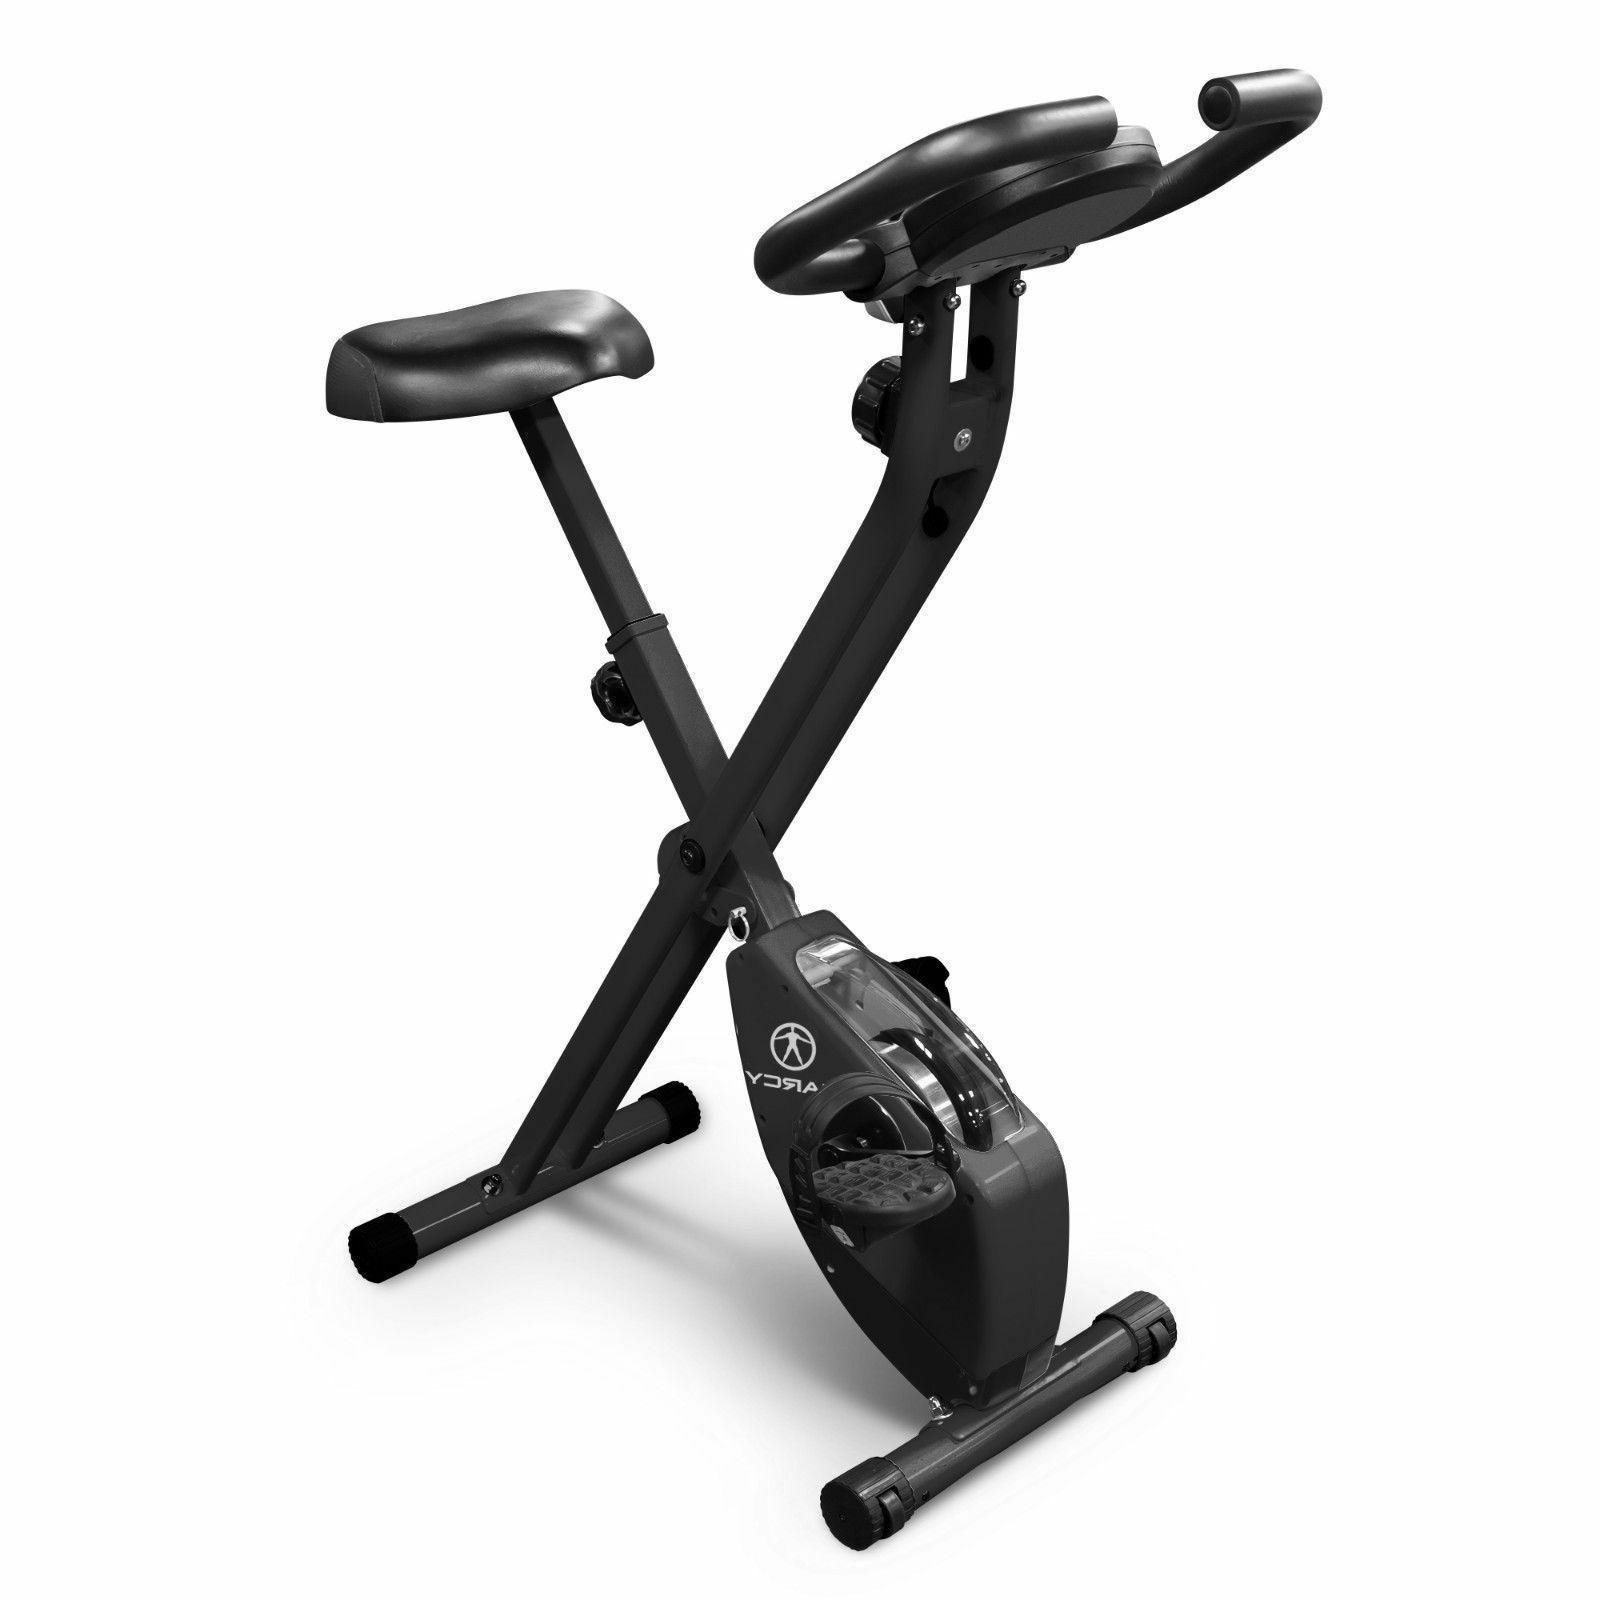 Marcy Foldable Upright Exercise Bike | NS-654 Stationary Com